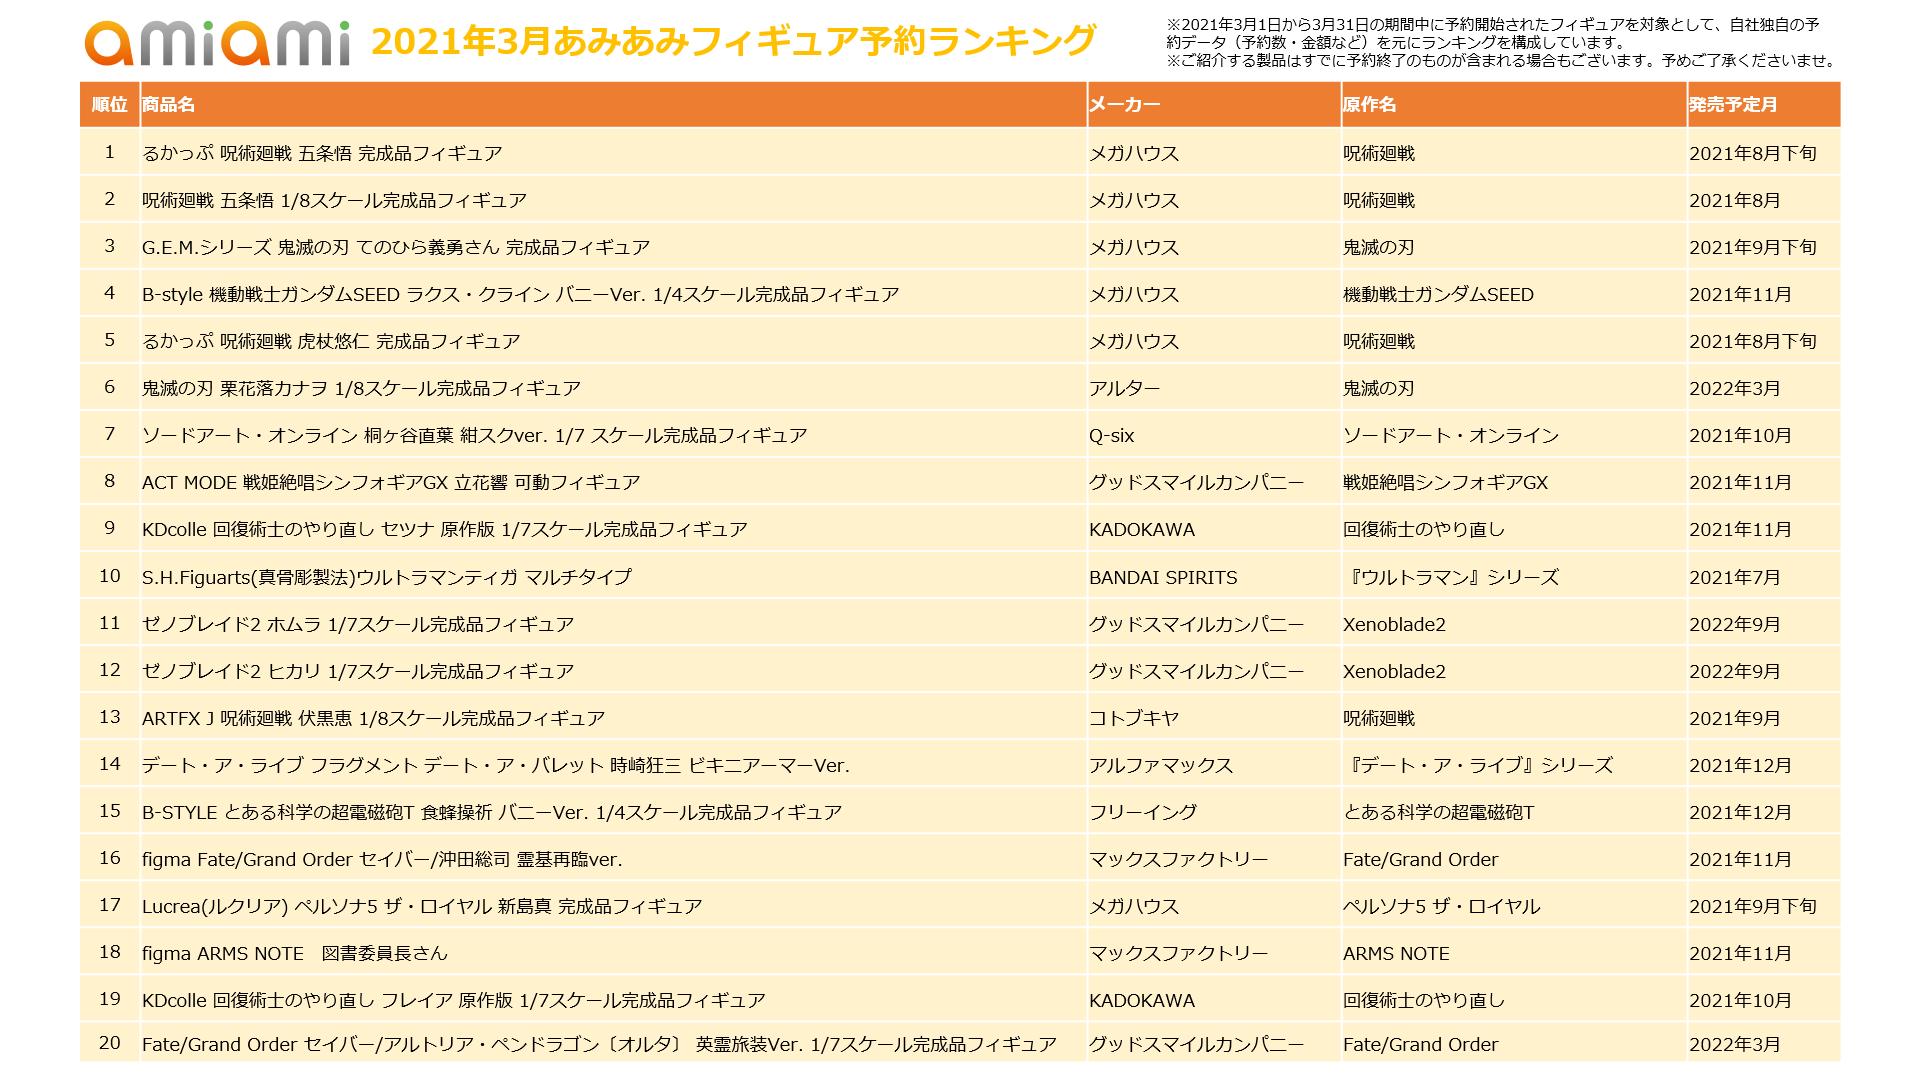 「2021年3月あみあみフィギュア月間ランキング」